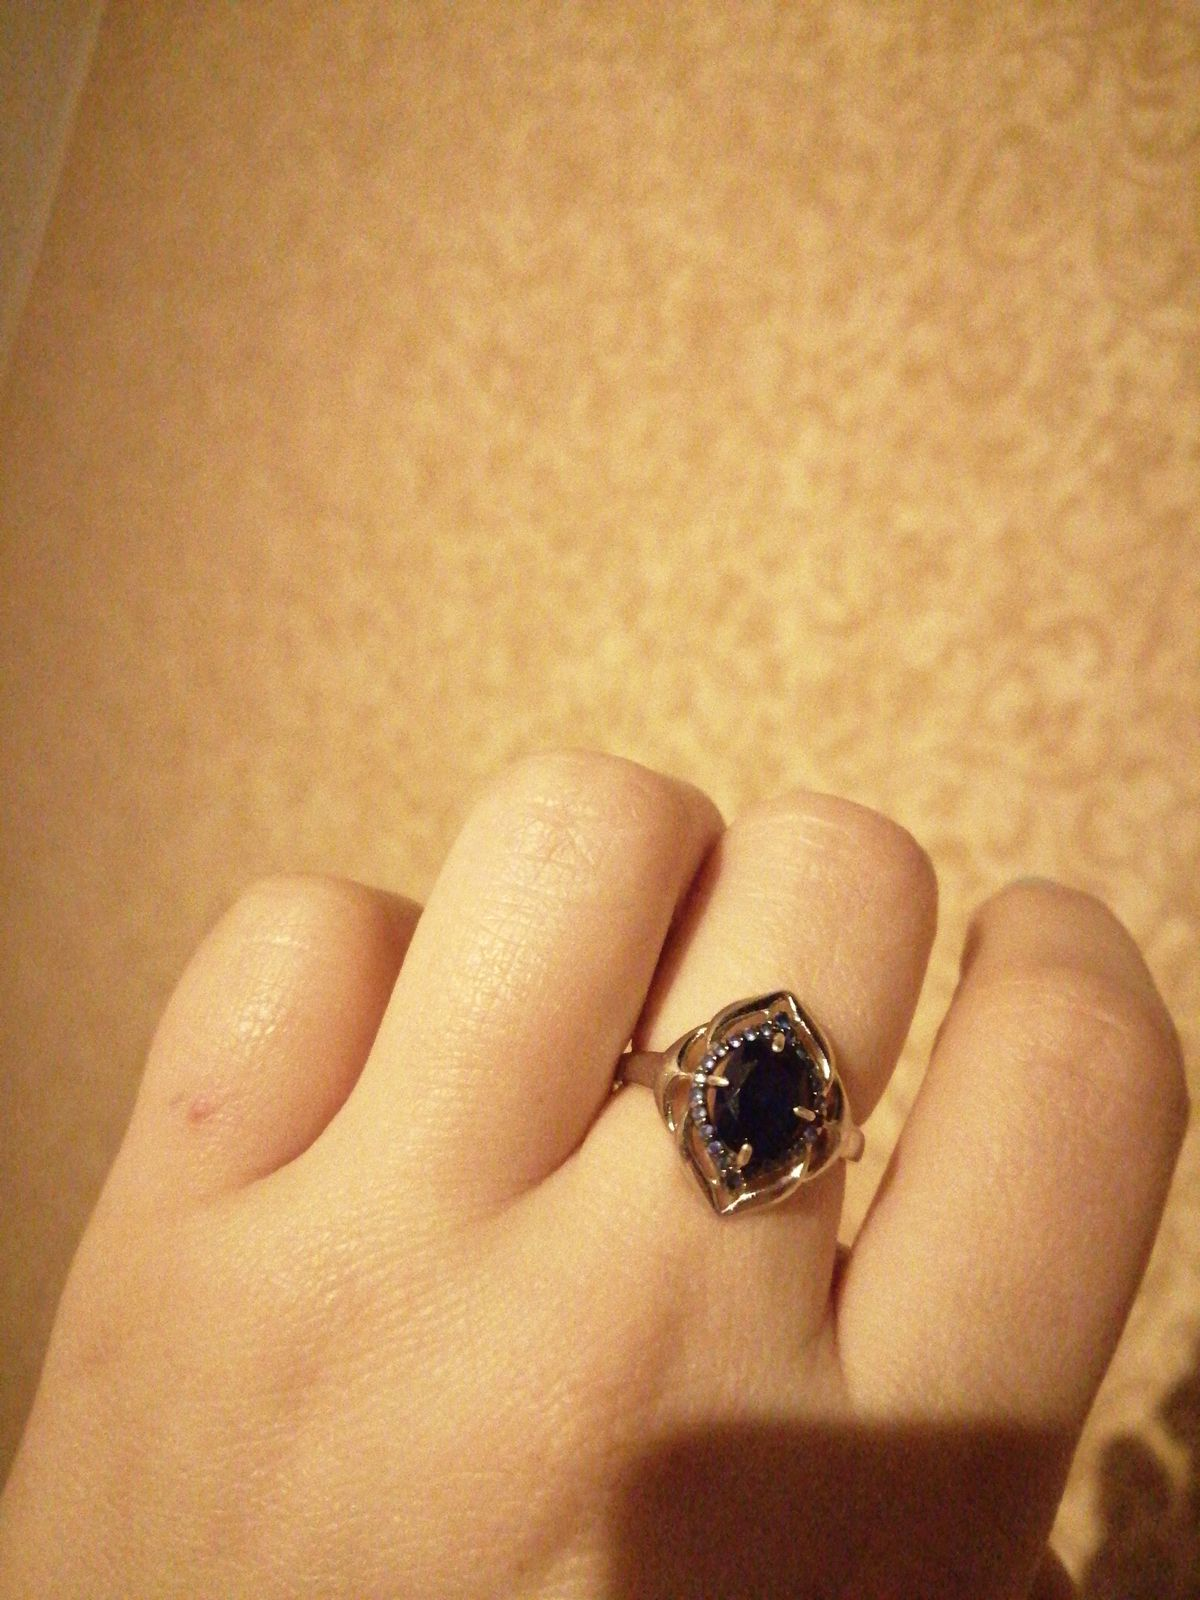 Прекрасное кольцо!!! Очень красиво смотрится.